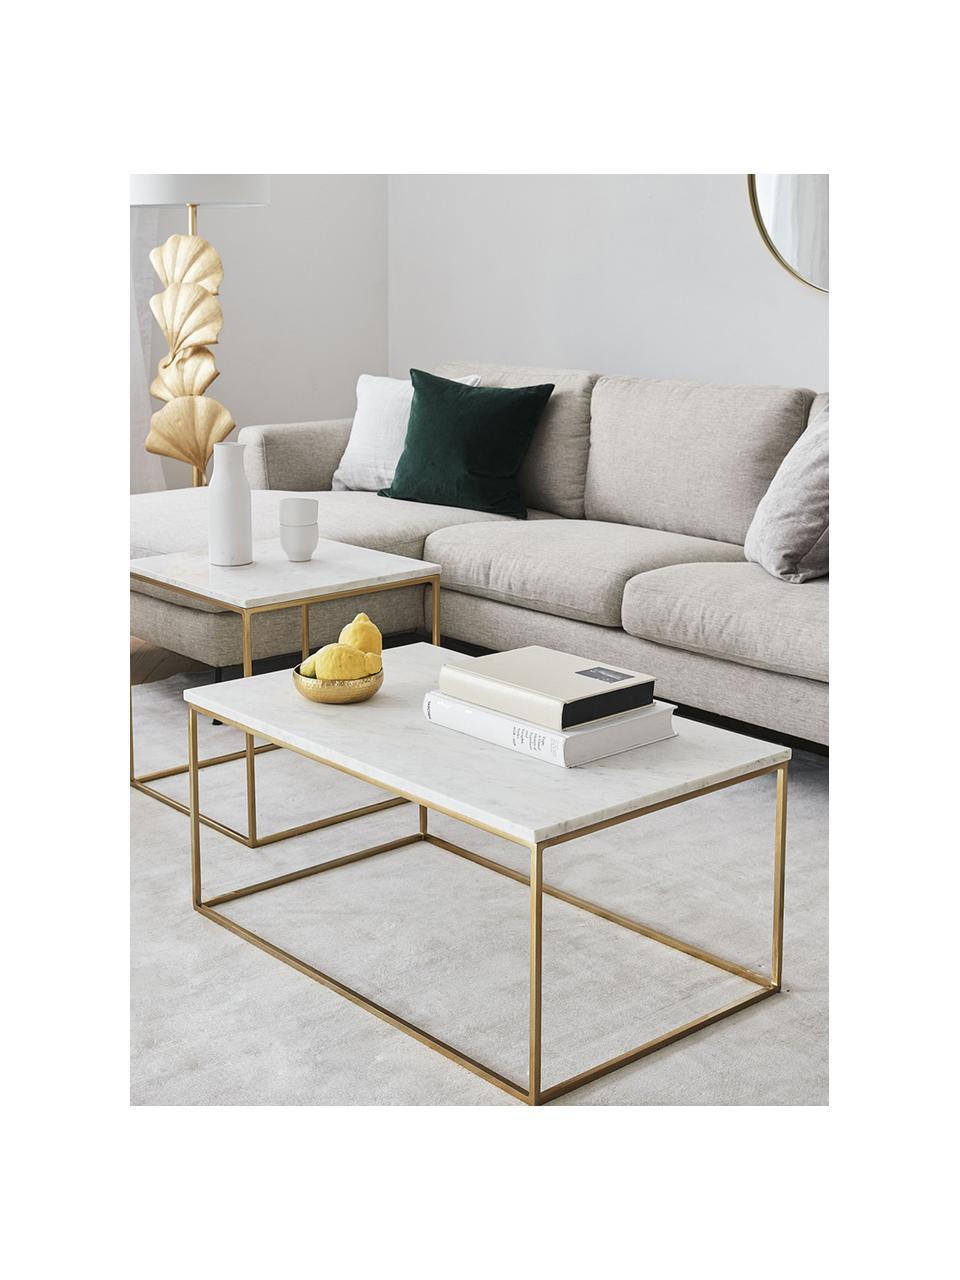 Marmor-Couchtisch Alys, Tischplatte: Marmor, Gestell: Metall, pulverbeschichtet, Weißer Marmor, Goldfarben, 80 x 40 cm